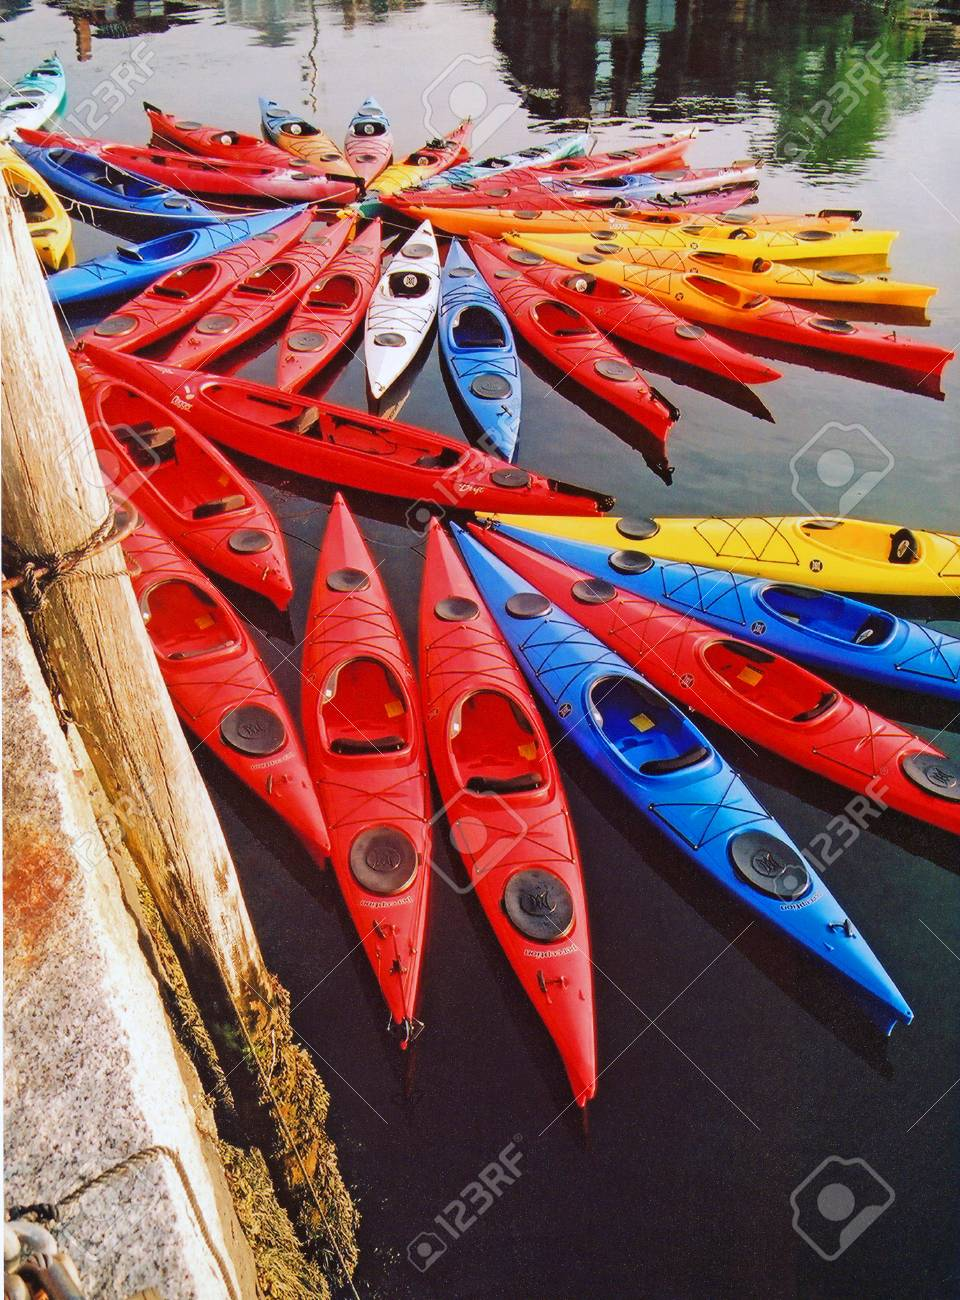 rental kayaks in Rockport, Mass